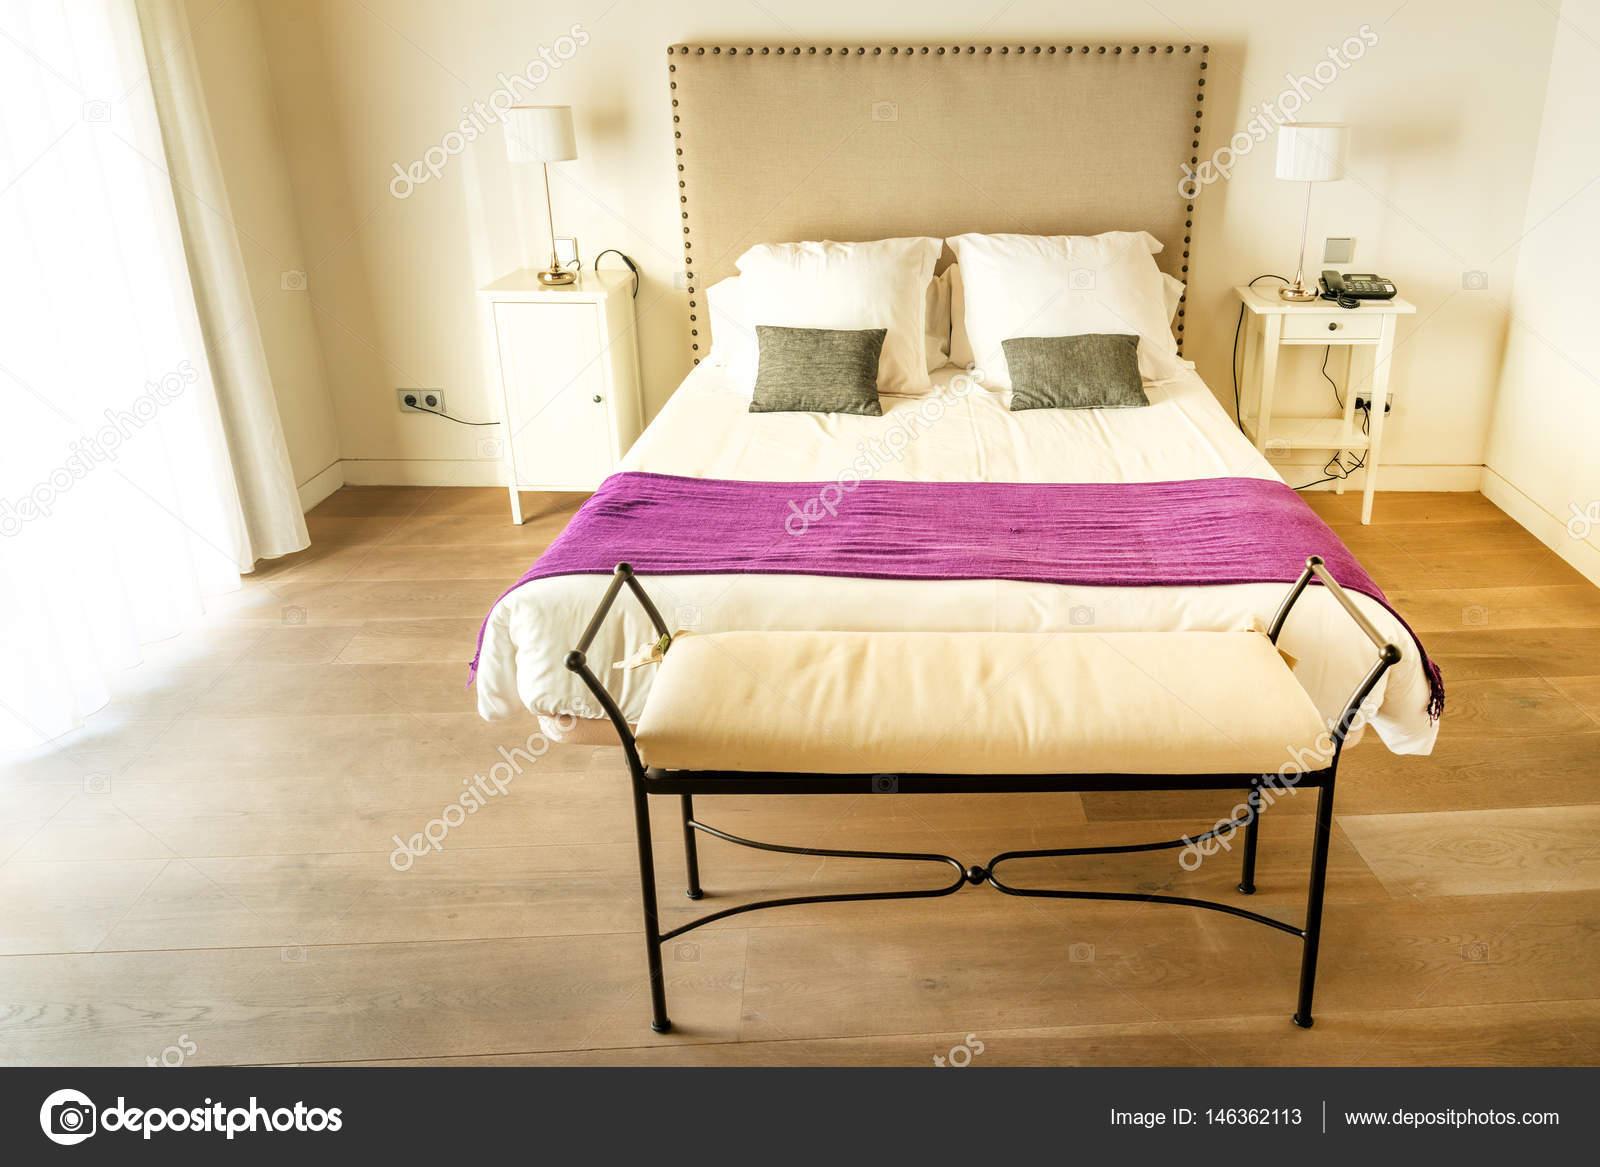 Letto Matrimoniale Spagnolo.Camera Doppia In Hotel Spagnolo Foto Stock C Mliss 146362113